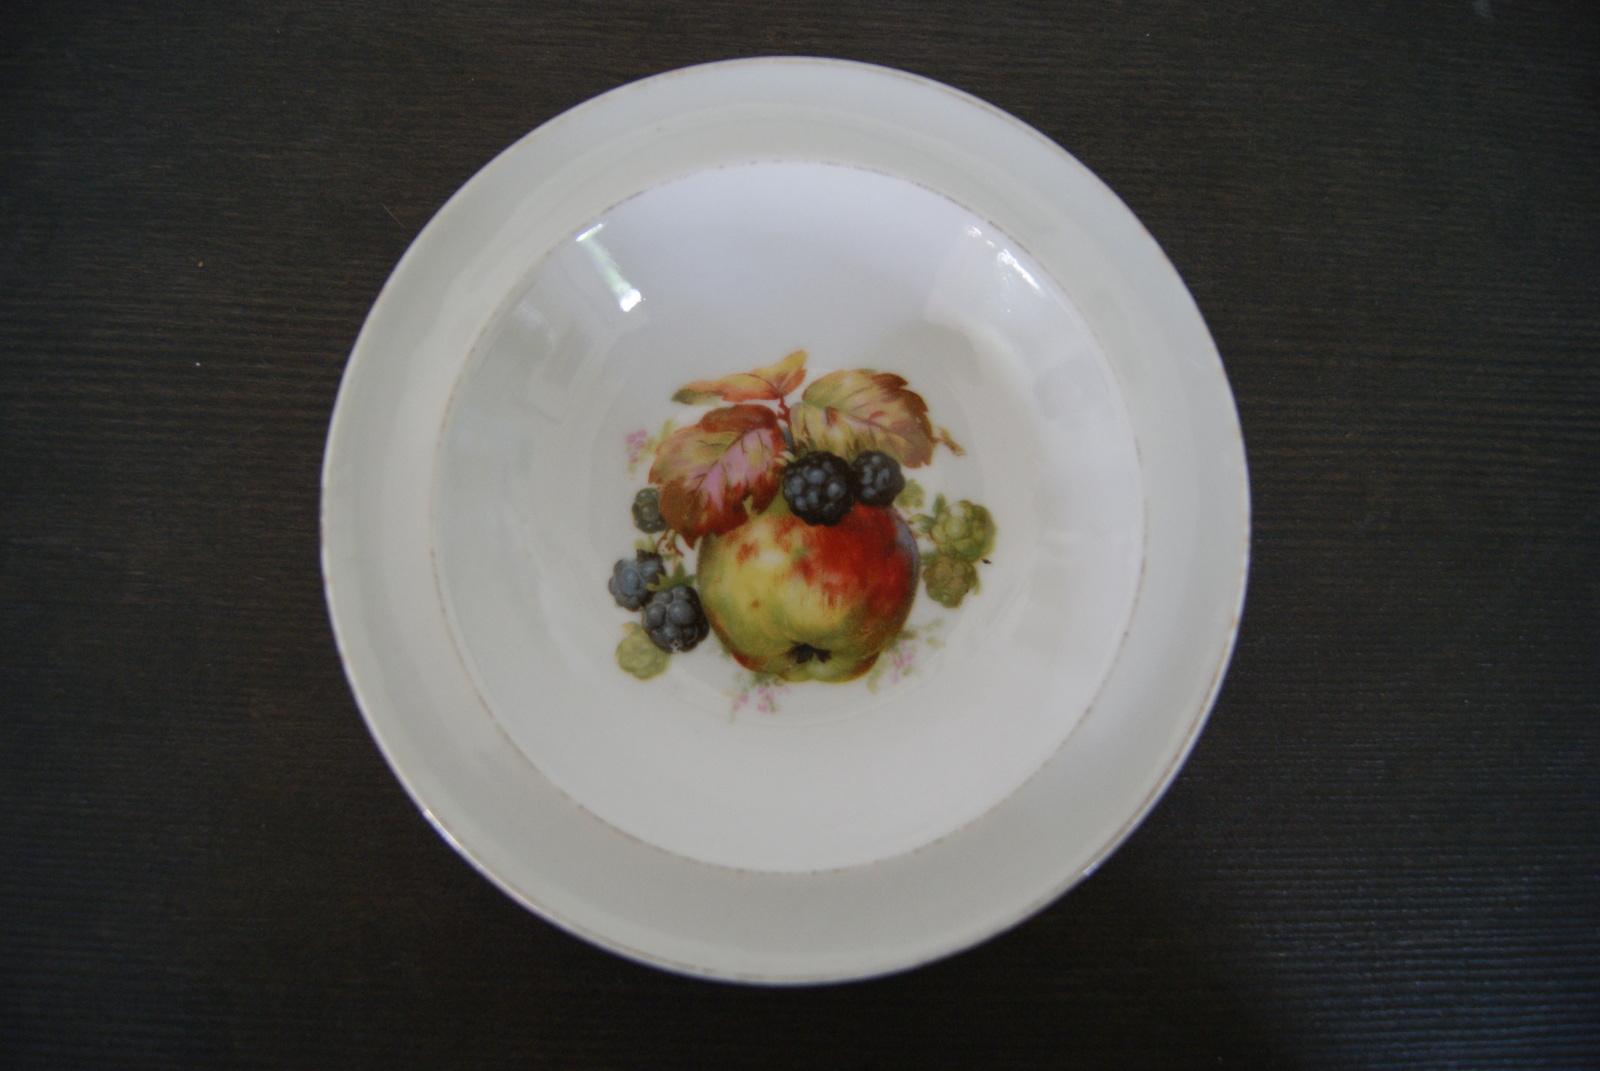 Waldenburg - Altwasser bowl with apples and blackberries